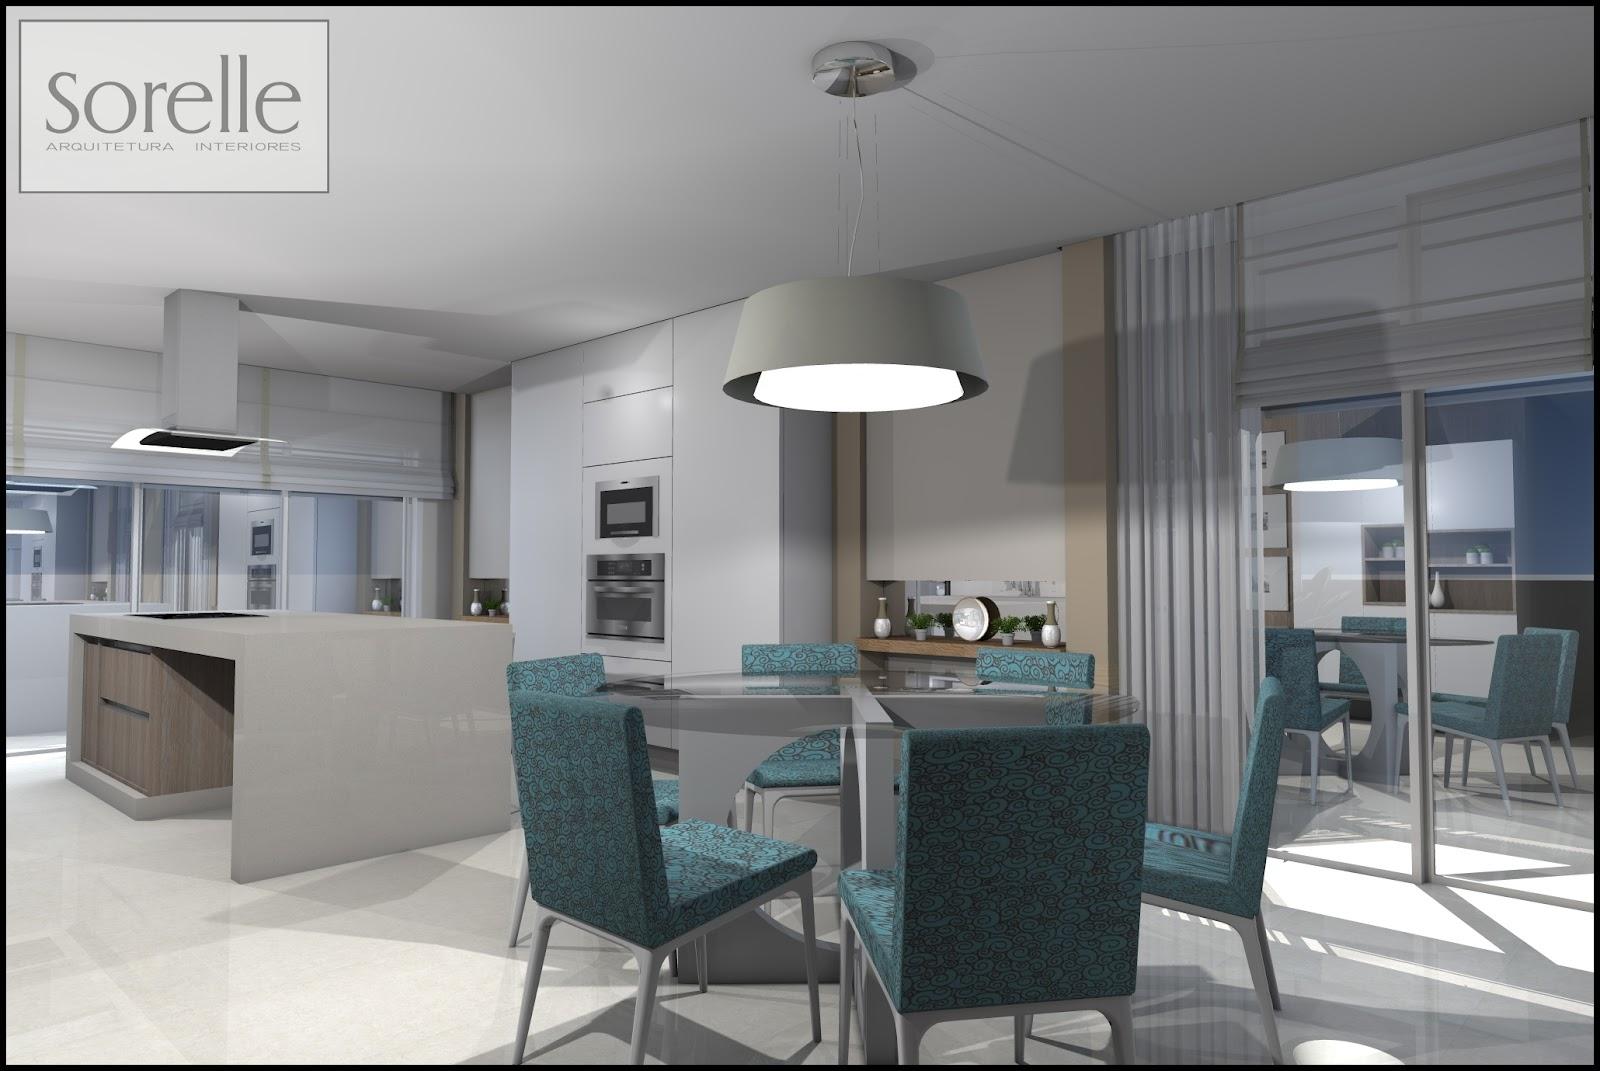 Sorelle Arquitetura e Interiores: Cozinha e Sala de Jantar . #434D5B 1600 1071